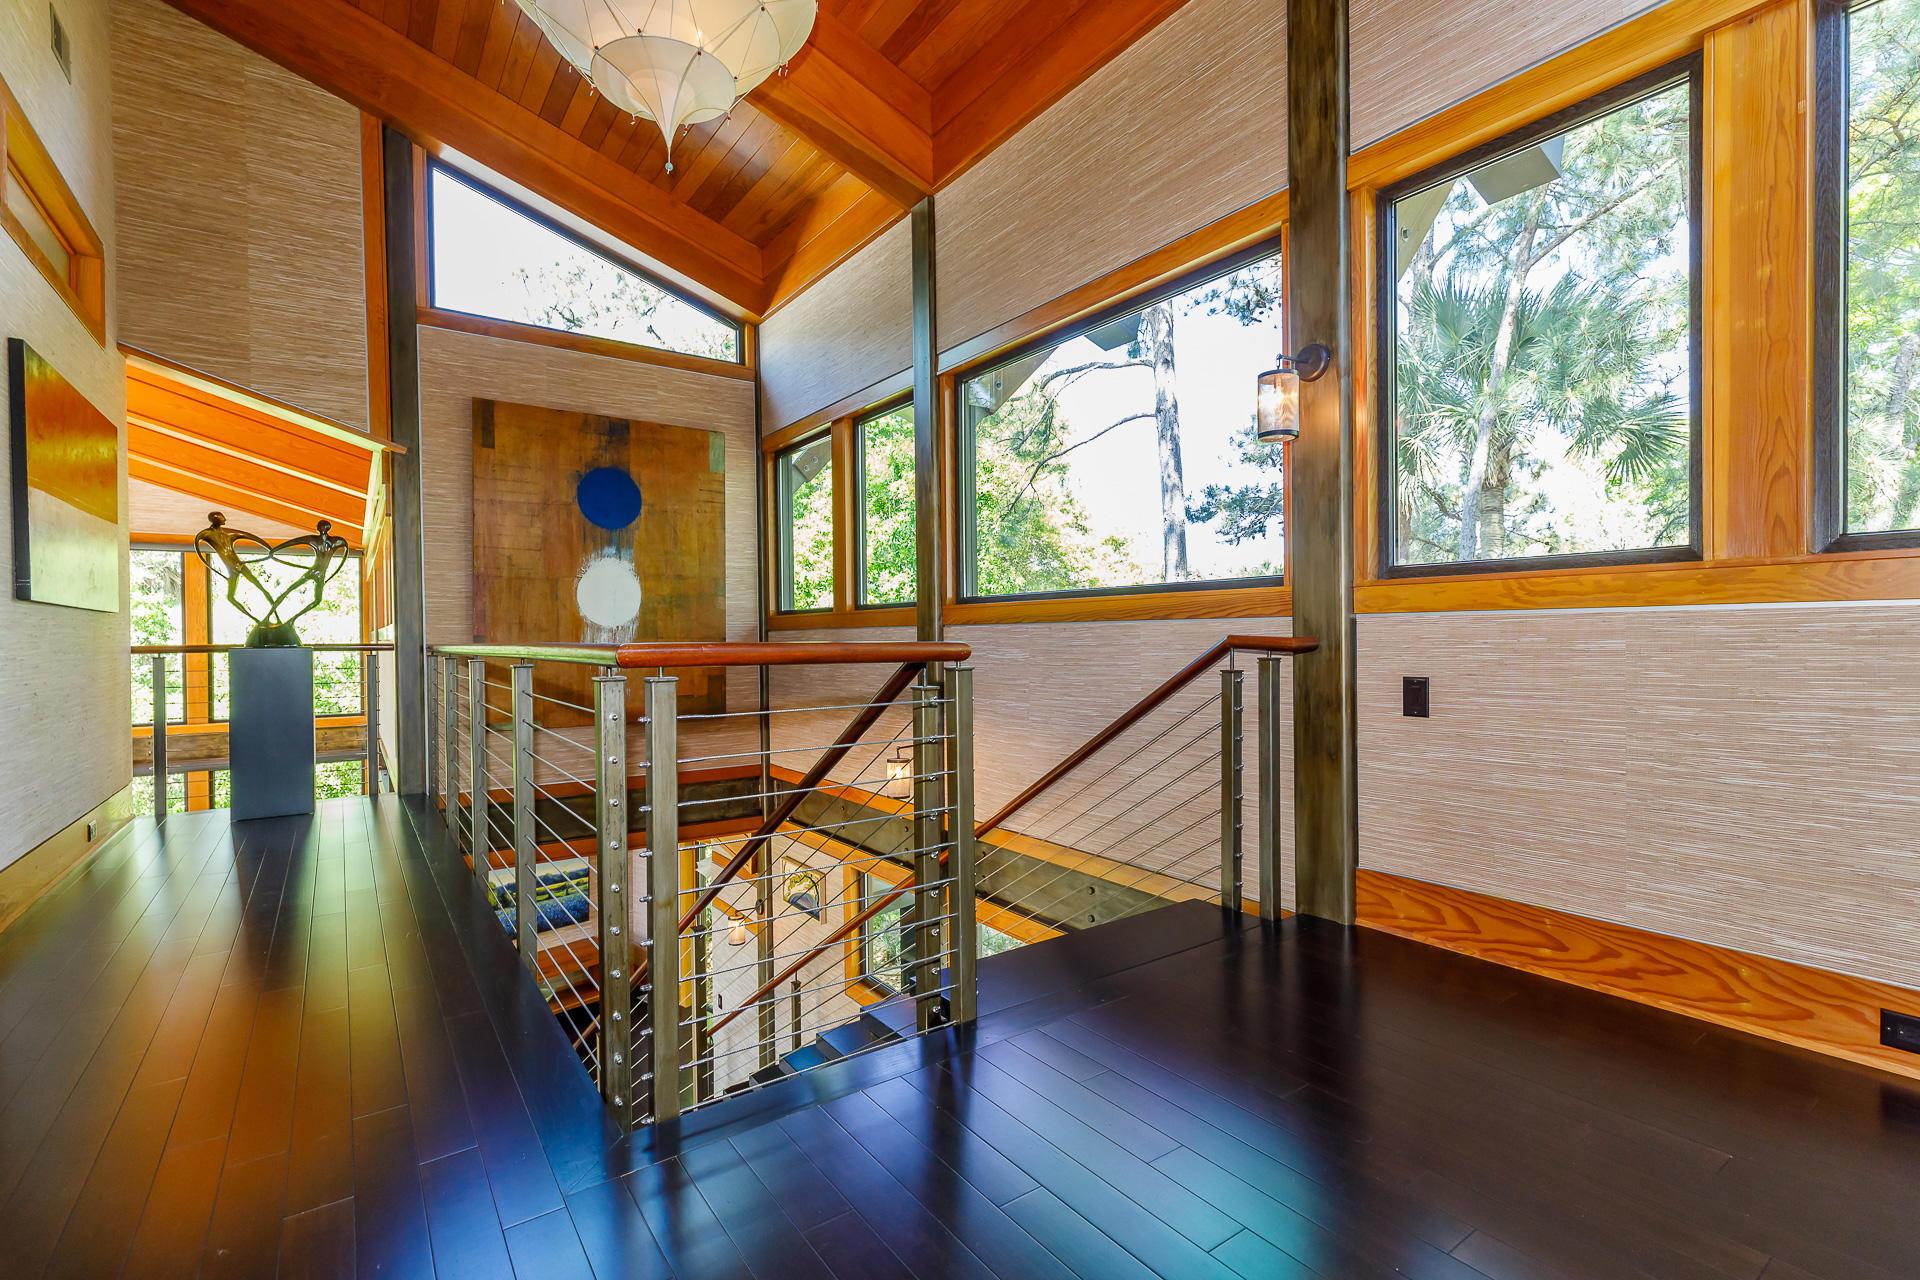 Kiawah Island Homes For Sale - 102 Blue Heron Pond, Kiawah Island, SC - 25